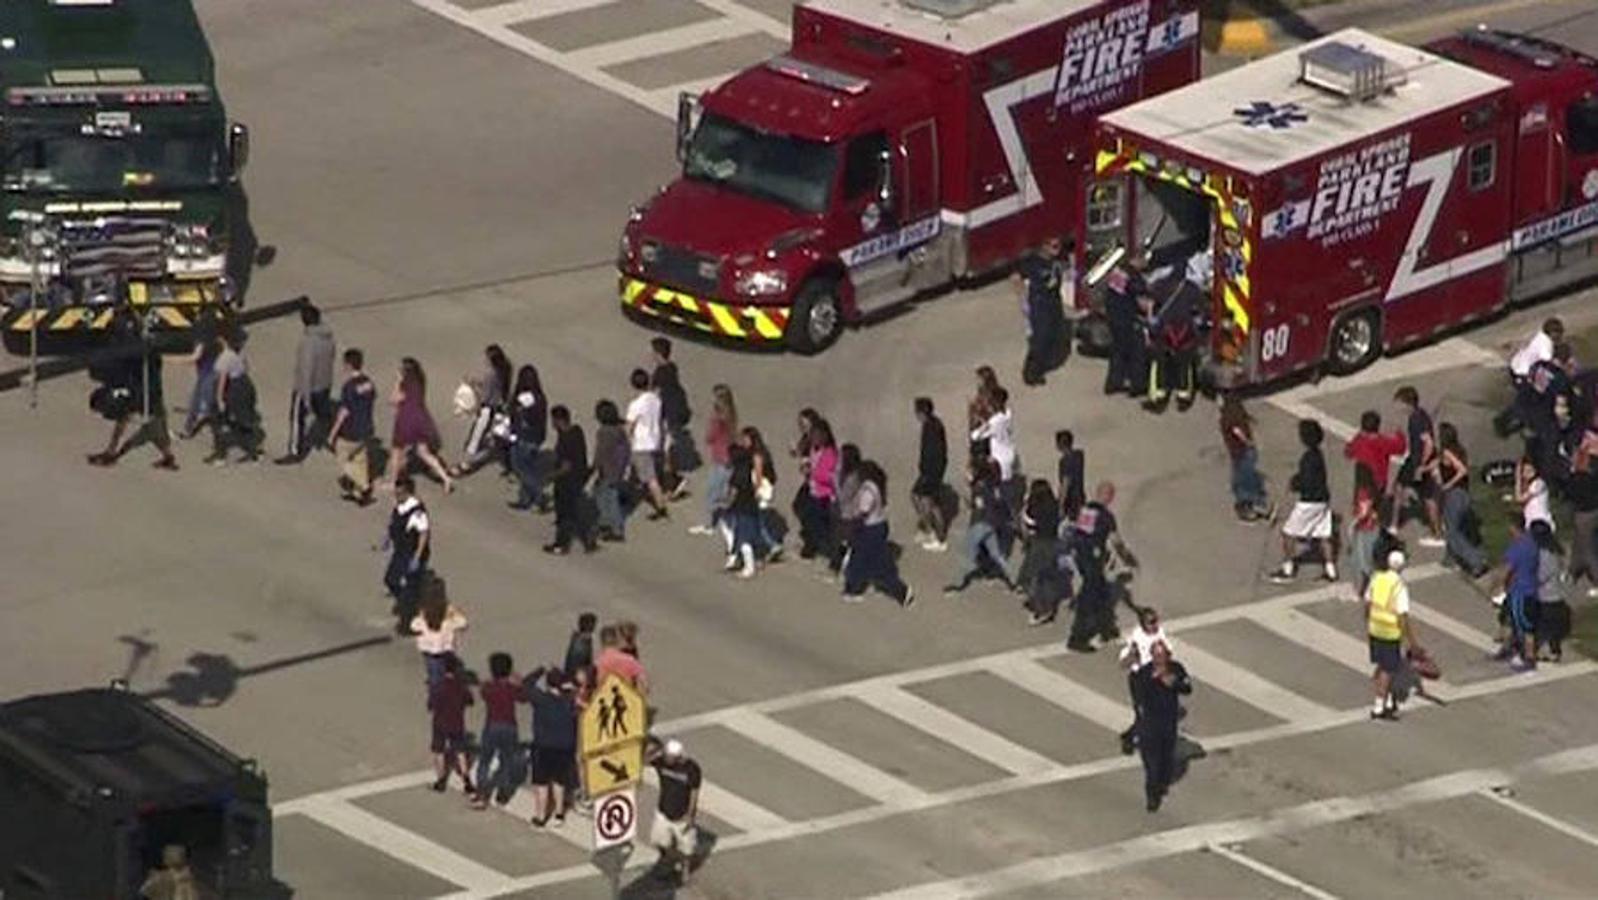 Ayer, un ataque indiscriminado provocó una matanza en el instituto Marjoy Stoneman Douglas en Parkland, una localidad adinerada de Florida